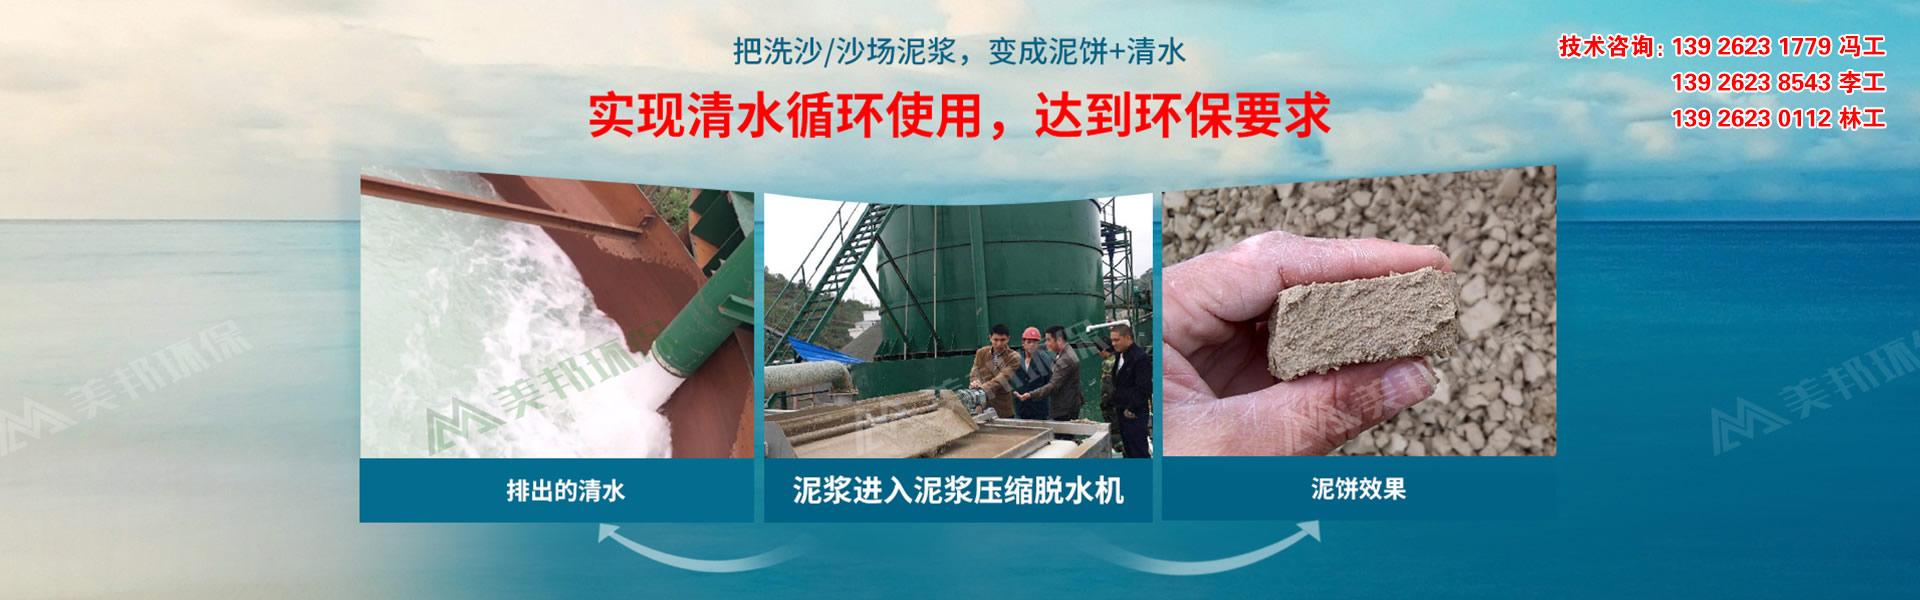 洗沙泥浆处理设备为用户提供专业的一体化固液分离技术解决方案